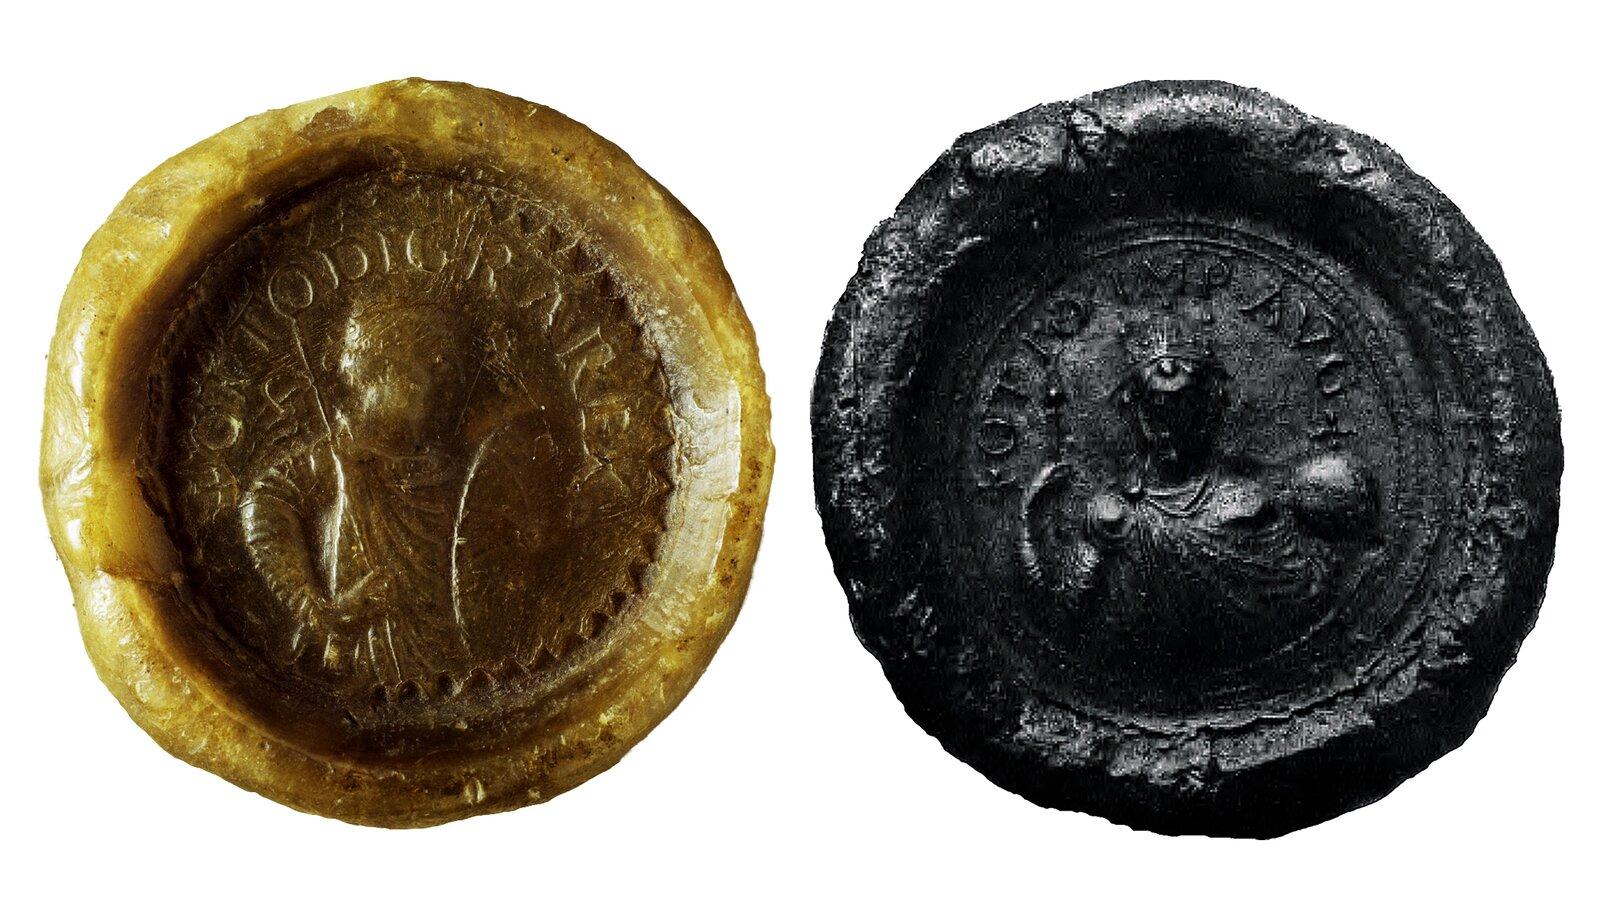 Dwie pieczęcie Ottona I– królewska (z lewej) icesarska Dwie pieczęcie Ottona I– królewska (z lewej) icesarska Źródło: Dwie pieczęcie Ottona I– królewska (z lewej) icesarska.